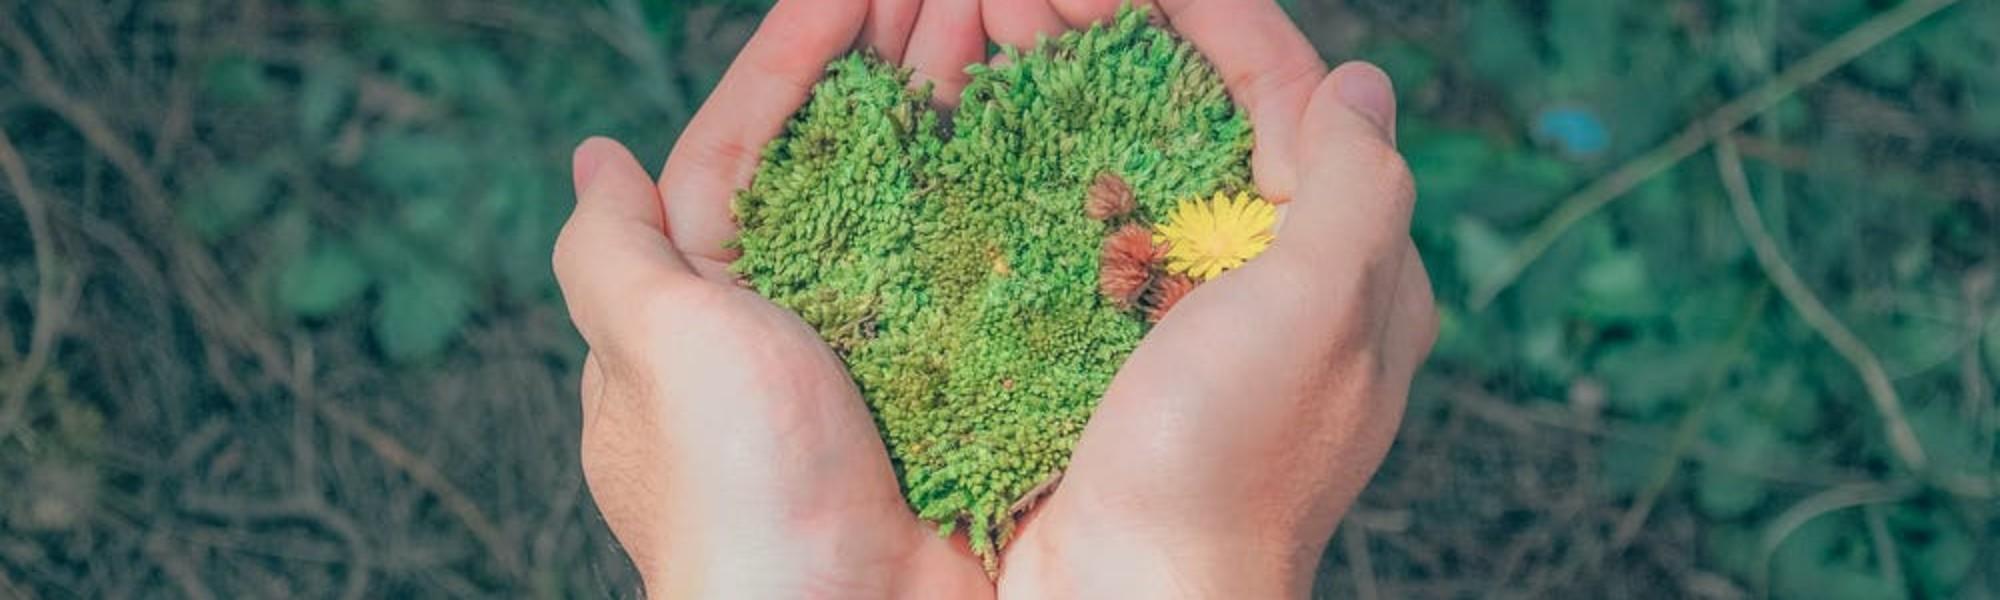 Kuvassa kädet ojentavat vihreää ruohoa olevan sydämen.